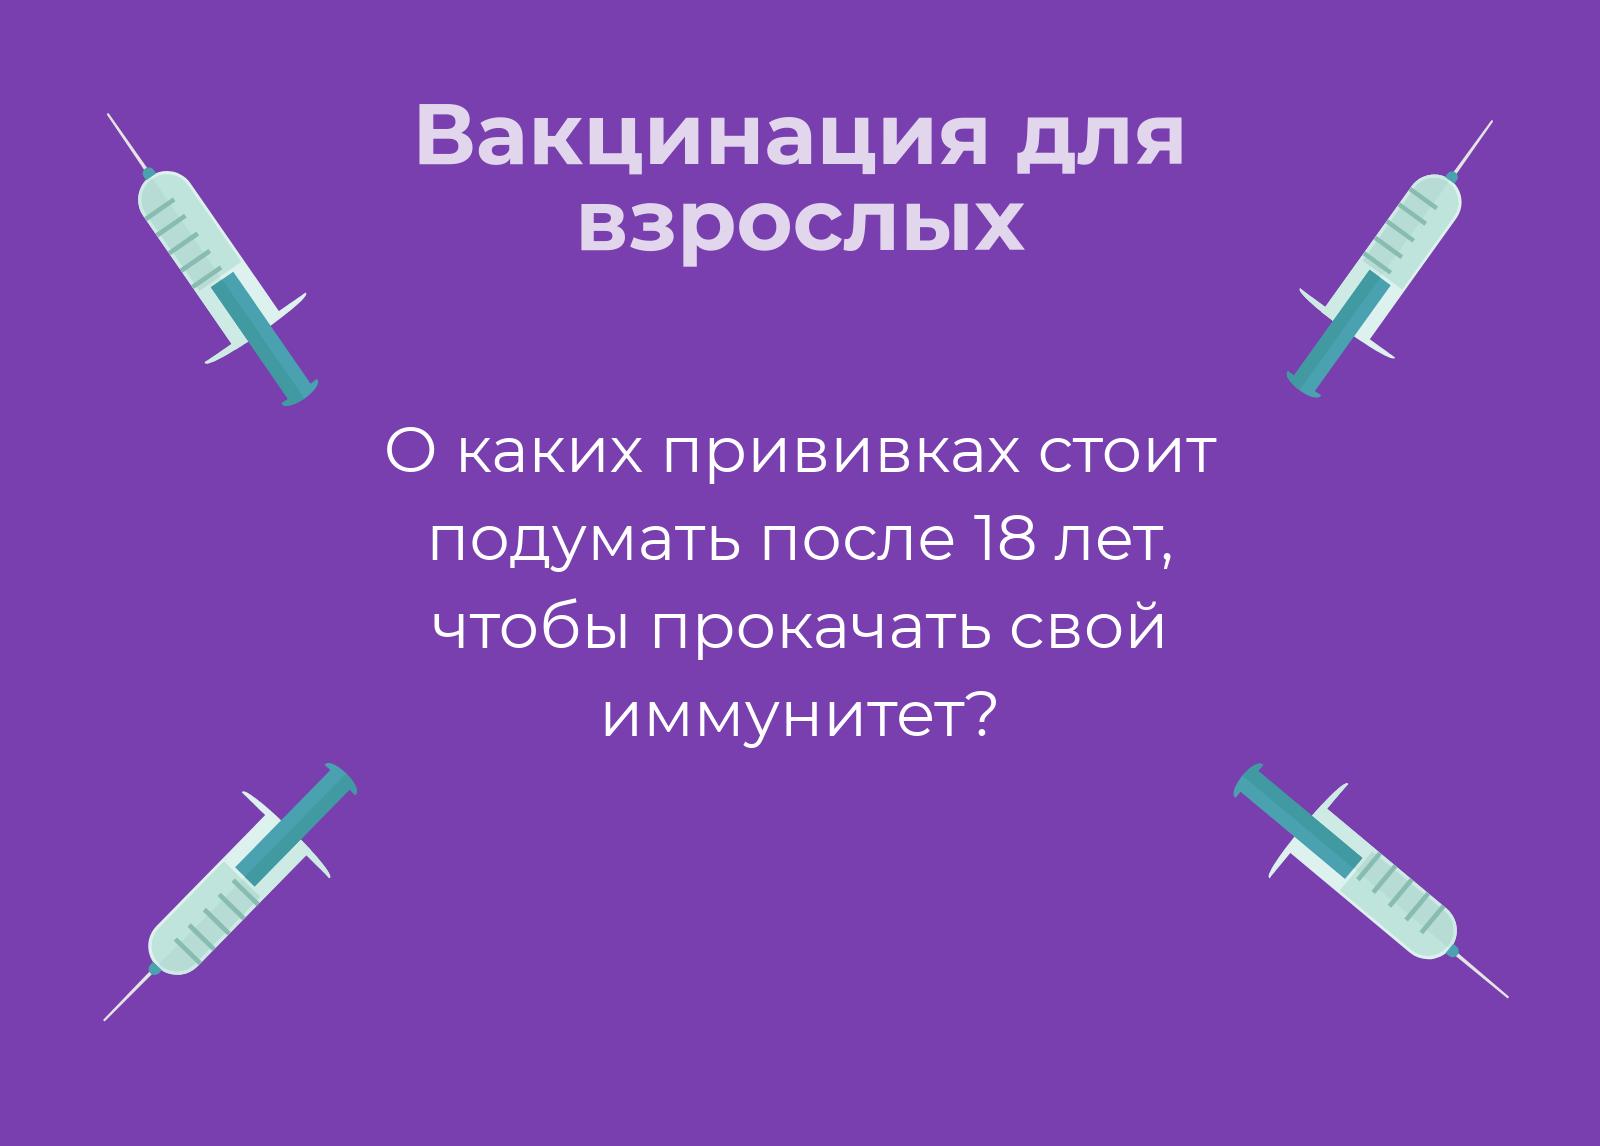 Реакция на бцж у новорожденных: когда делают прививку, фото нормы как заживает, протекает, гноится через месяц, для чего назначают